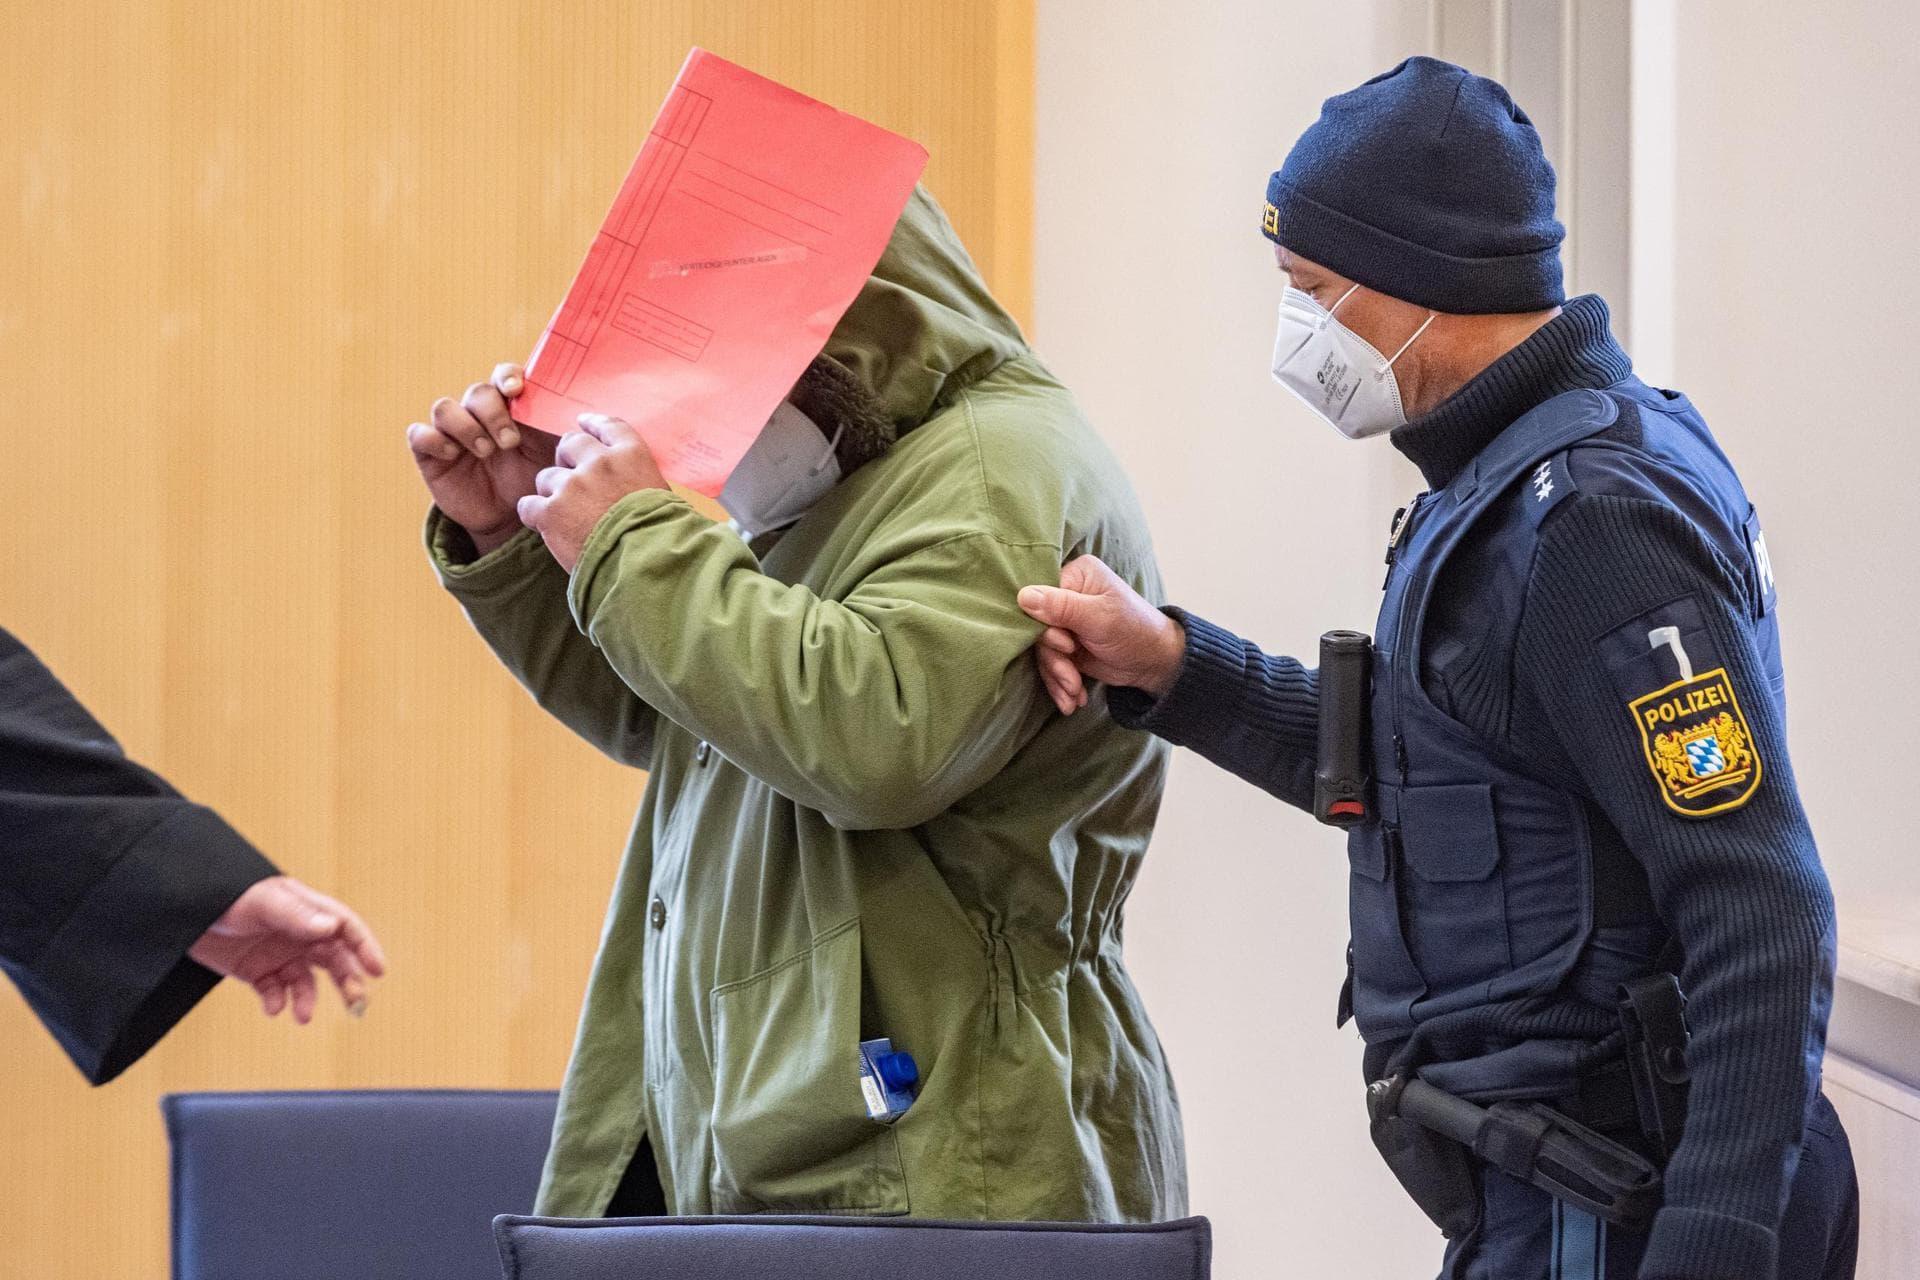 Zwei Kinder im Spiel getötet: Vater wegen Mordes verurteilt Landgericht Regensburg